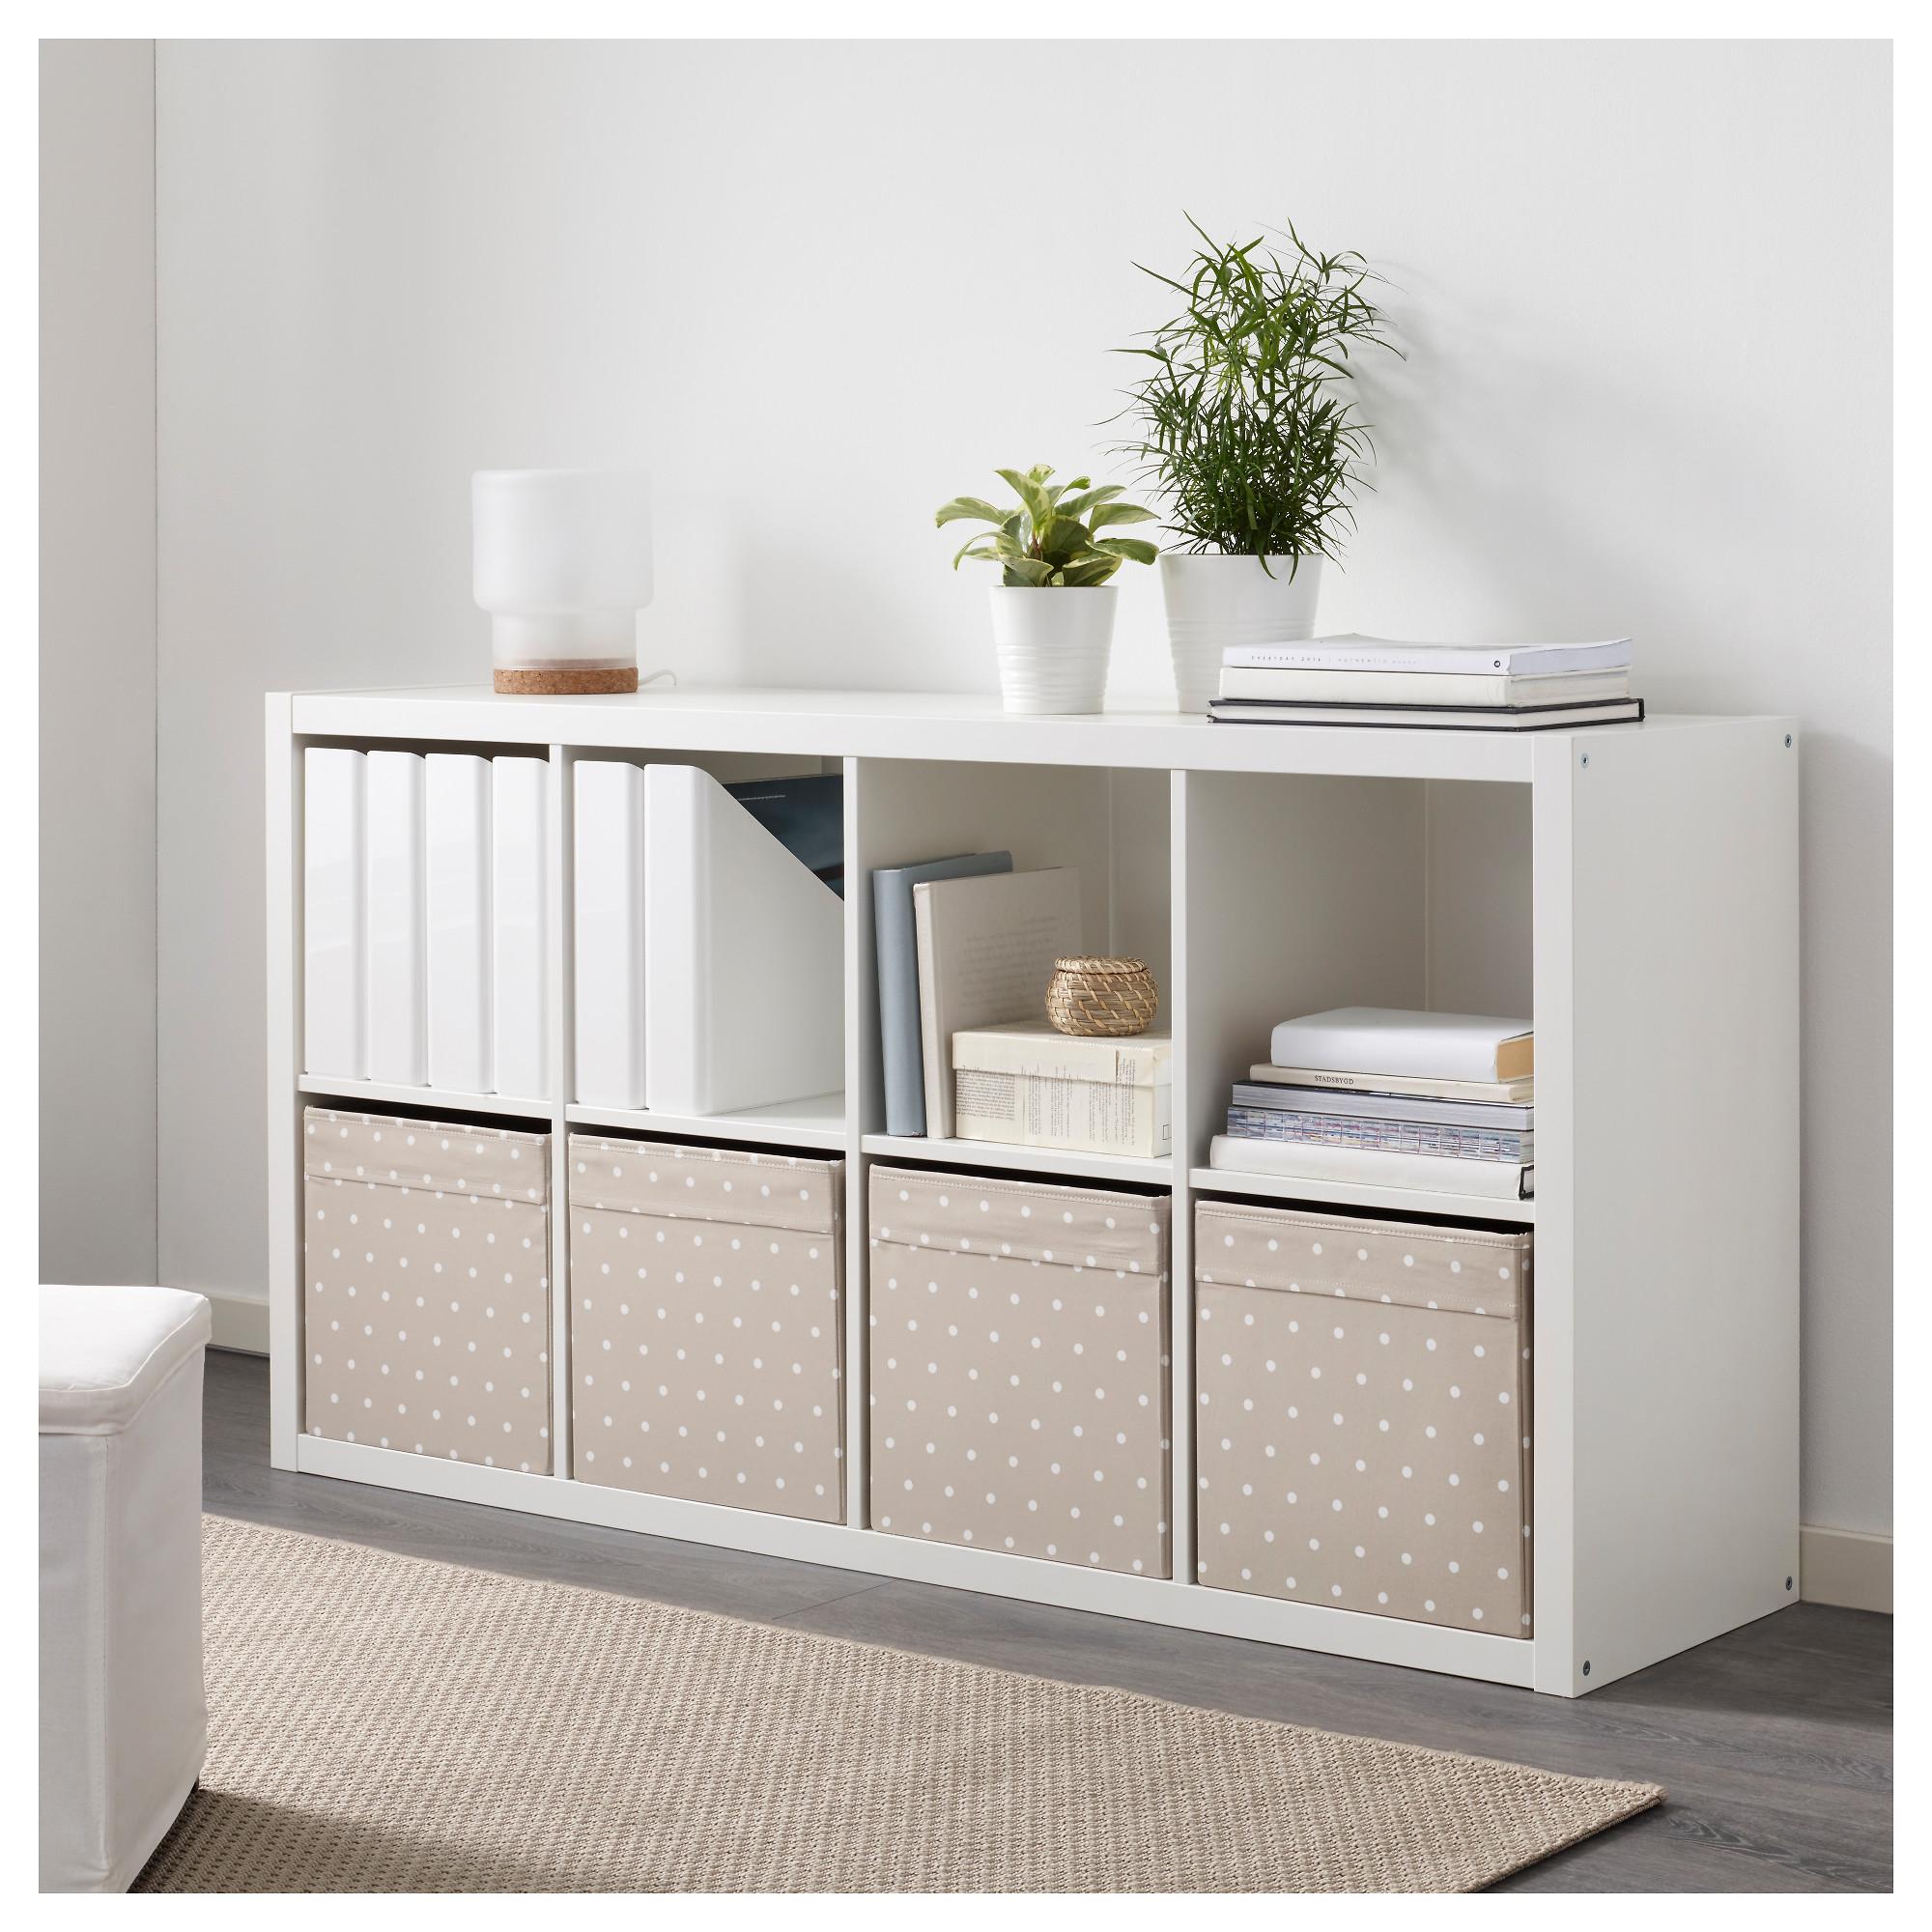 ikea dr na beige punkte fach box expedit kallax regal aufbewahrungsbox 4 st ck ebay. Black Bedroom Furniture Sets. Home Design Ideas